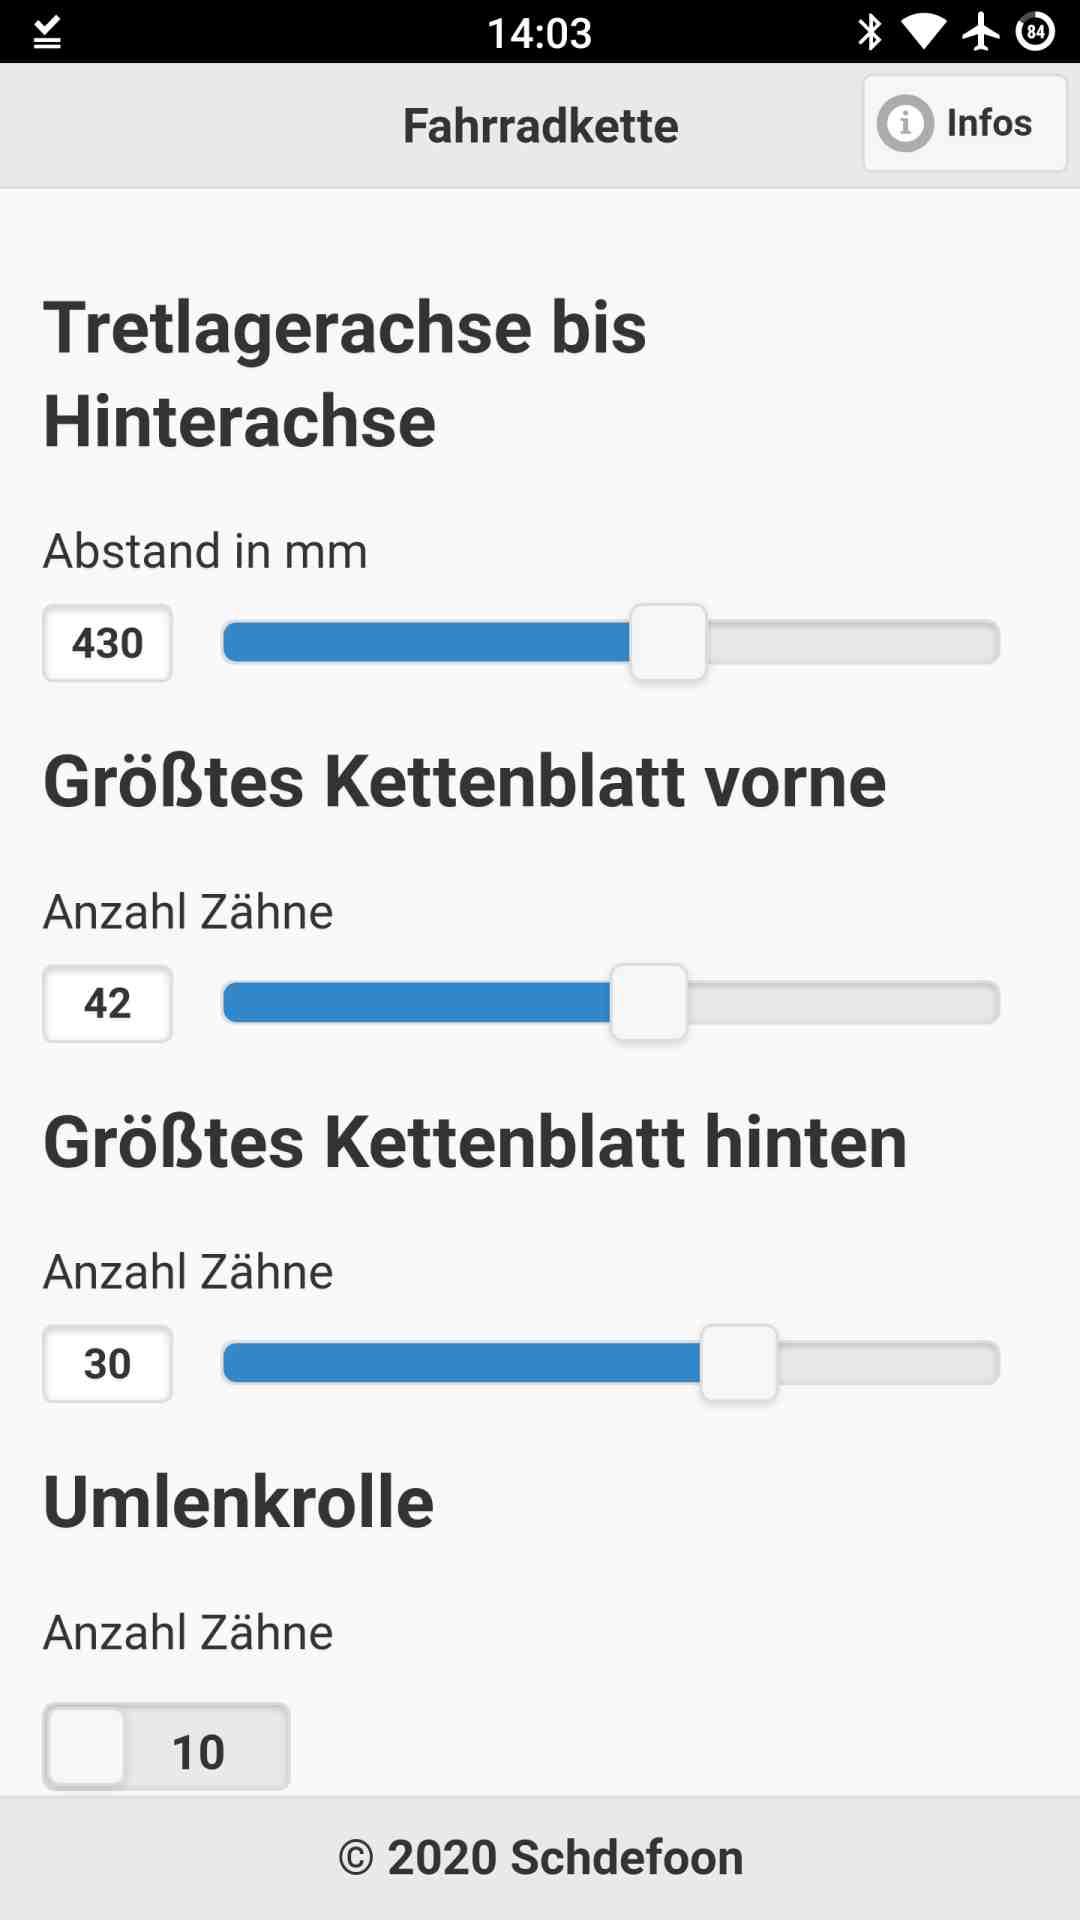 Hauptansicht der Android App für Fahrradketten mit Einstellmöglichkeiten